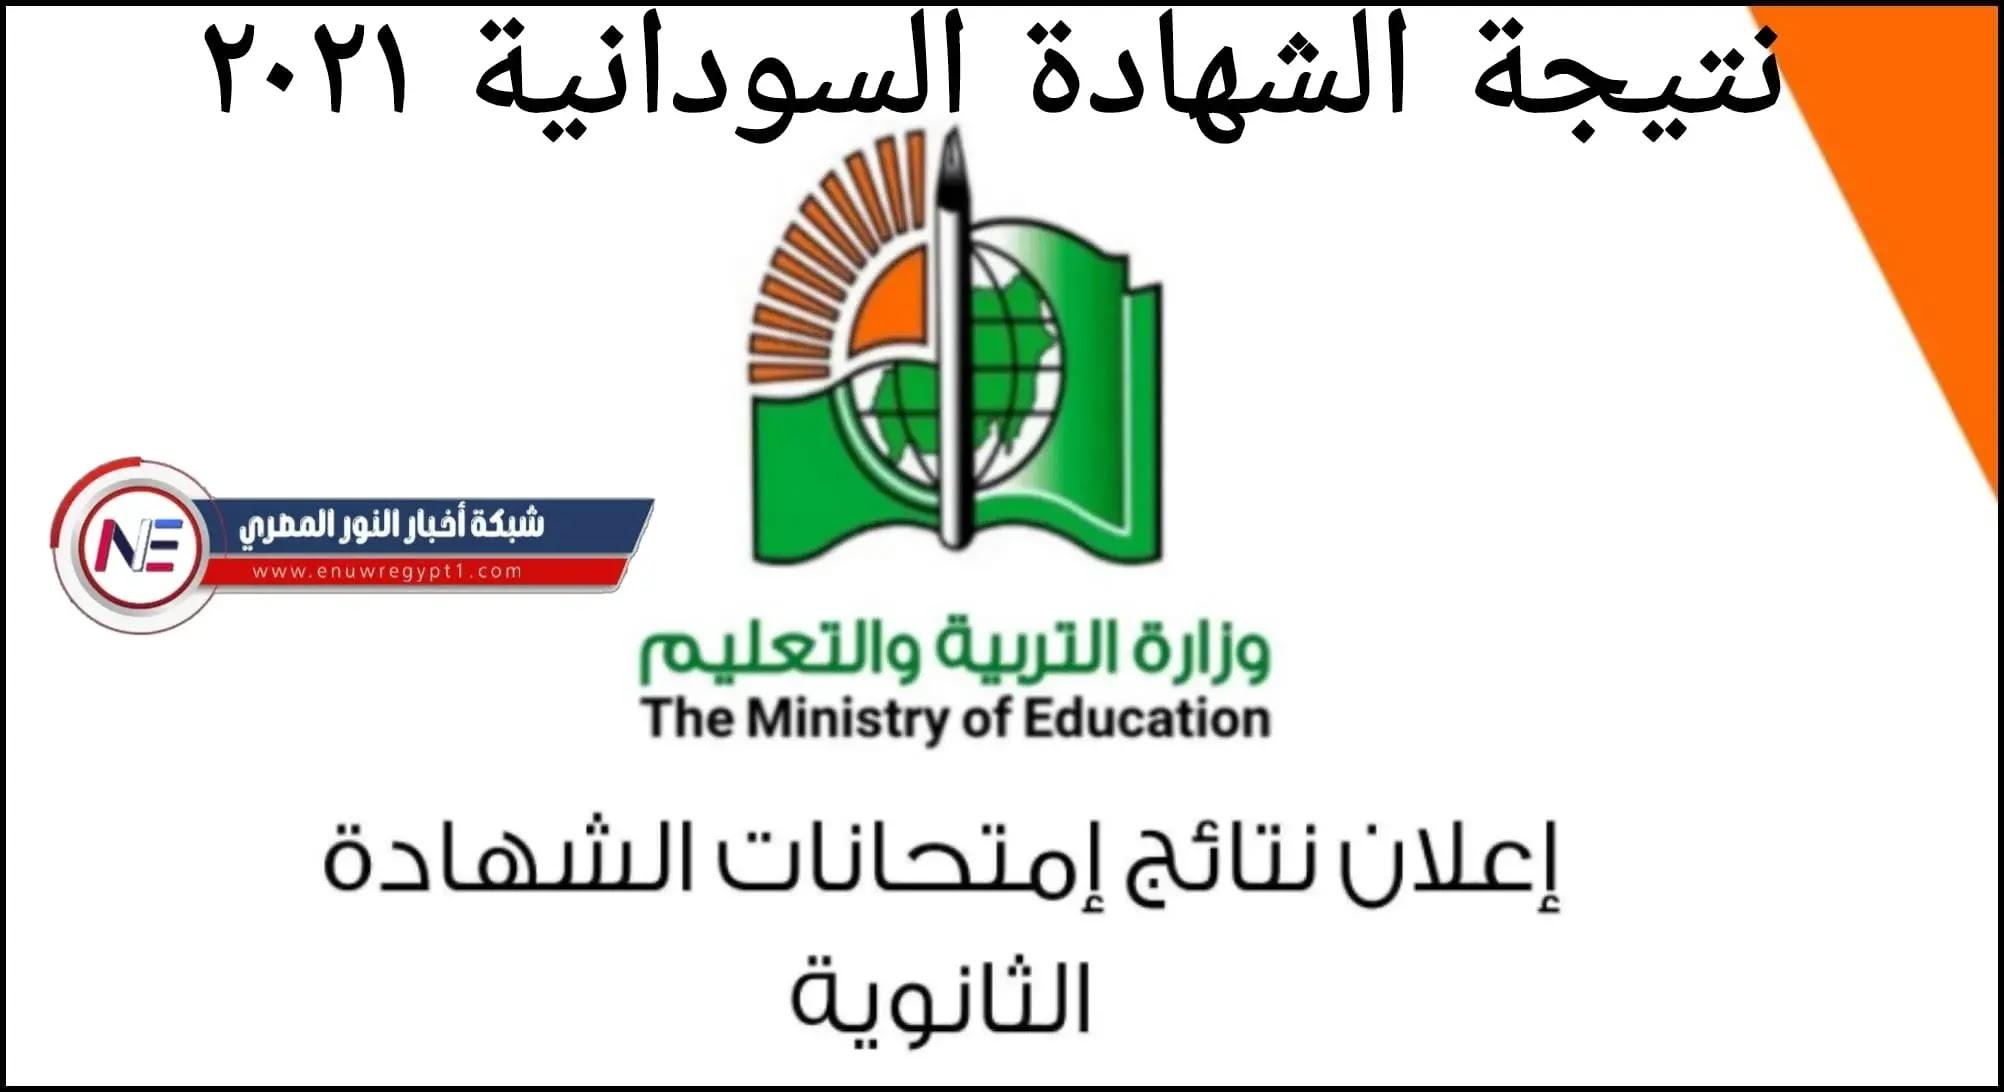 """""""رابط شغال"""" .. استخراج نتيجة الشهادة السودانية 2021 بالاسم ورقم الجلوس عبر الموقع الرسمي لوزارة التربية والتعليم بالسودان"""